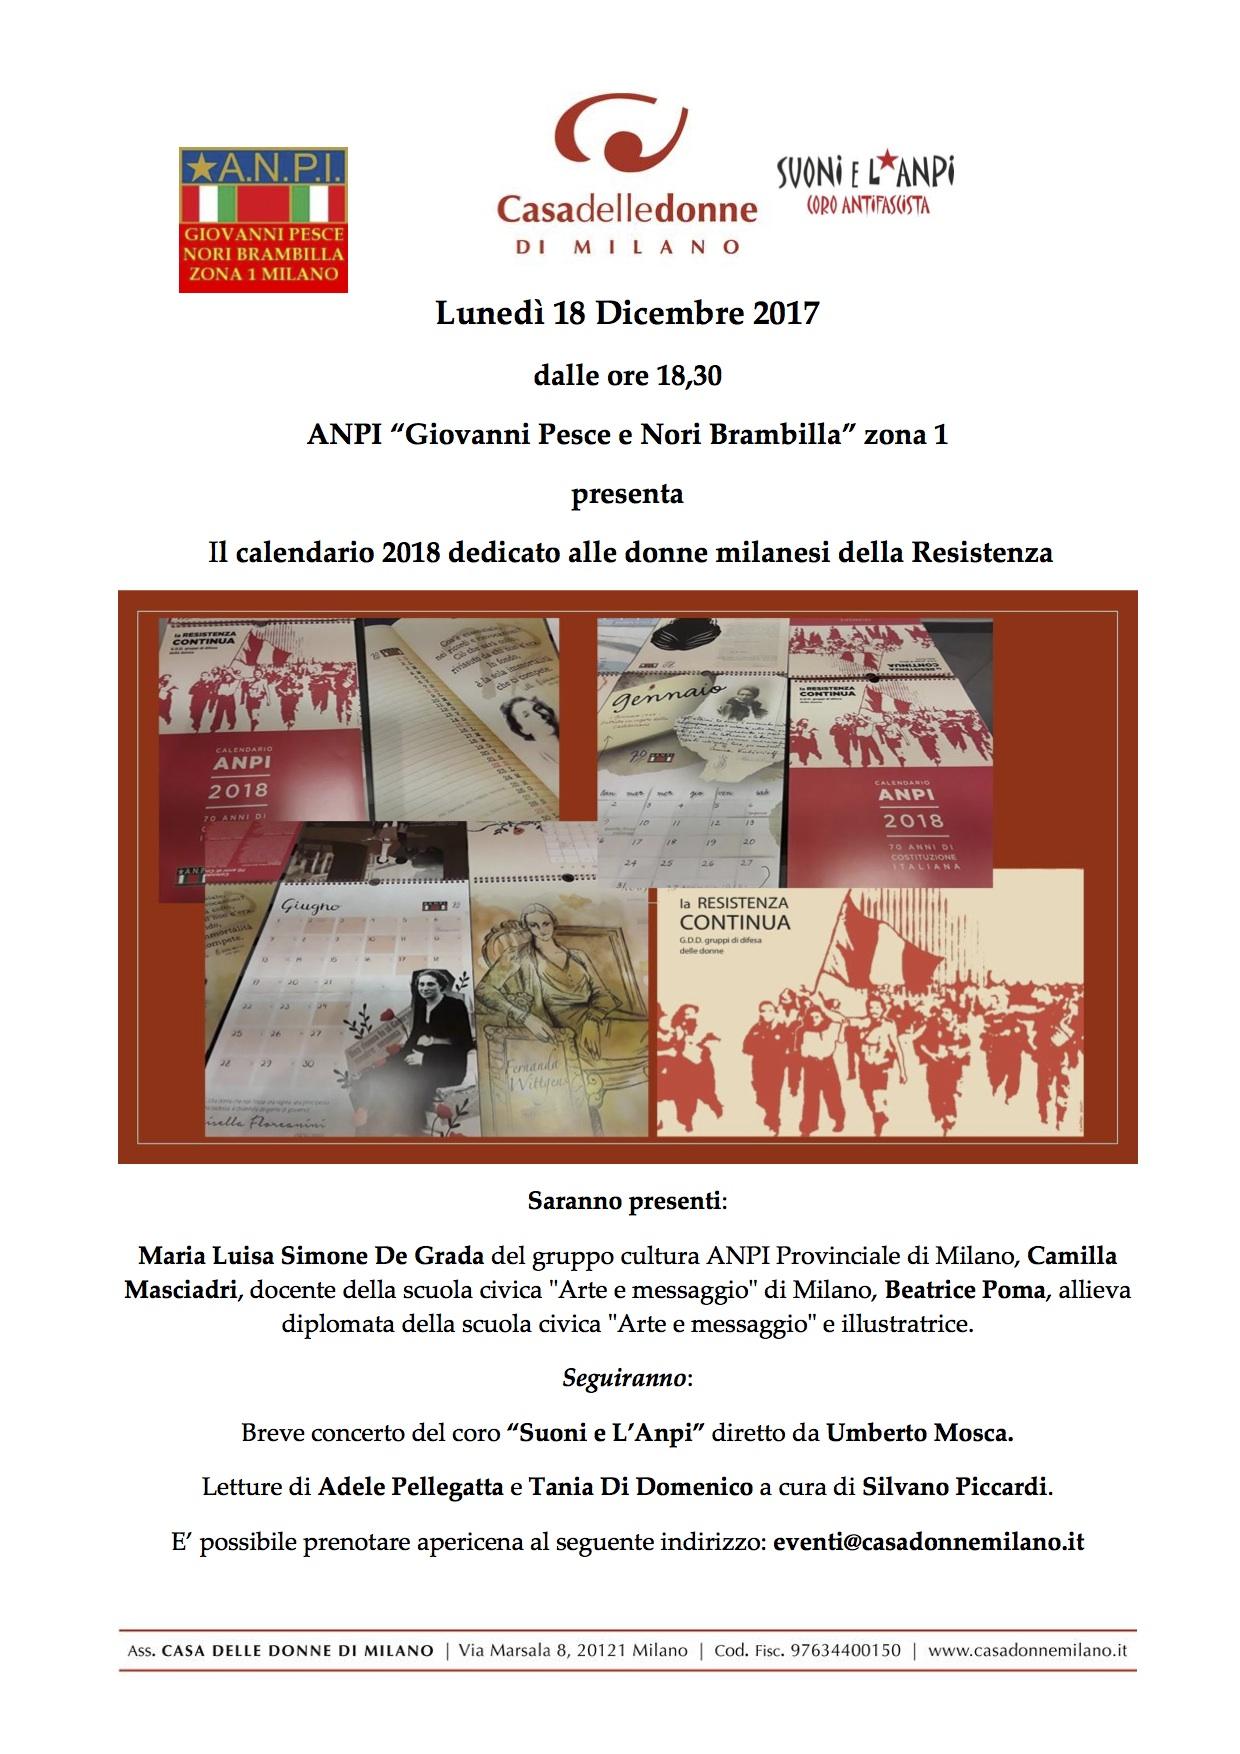 Calendario Milano.Lunedi 18 Anpi Zona 1 Milano Con Il Calendario La Polenta